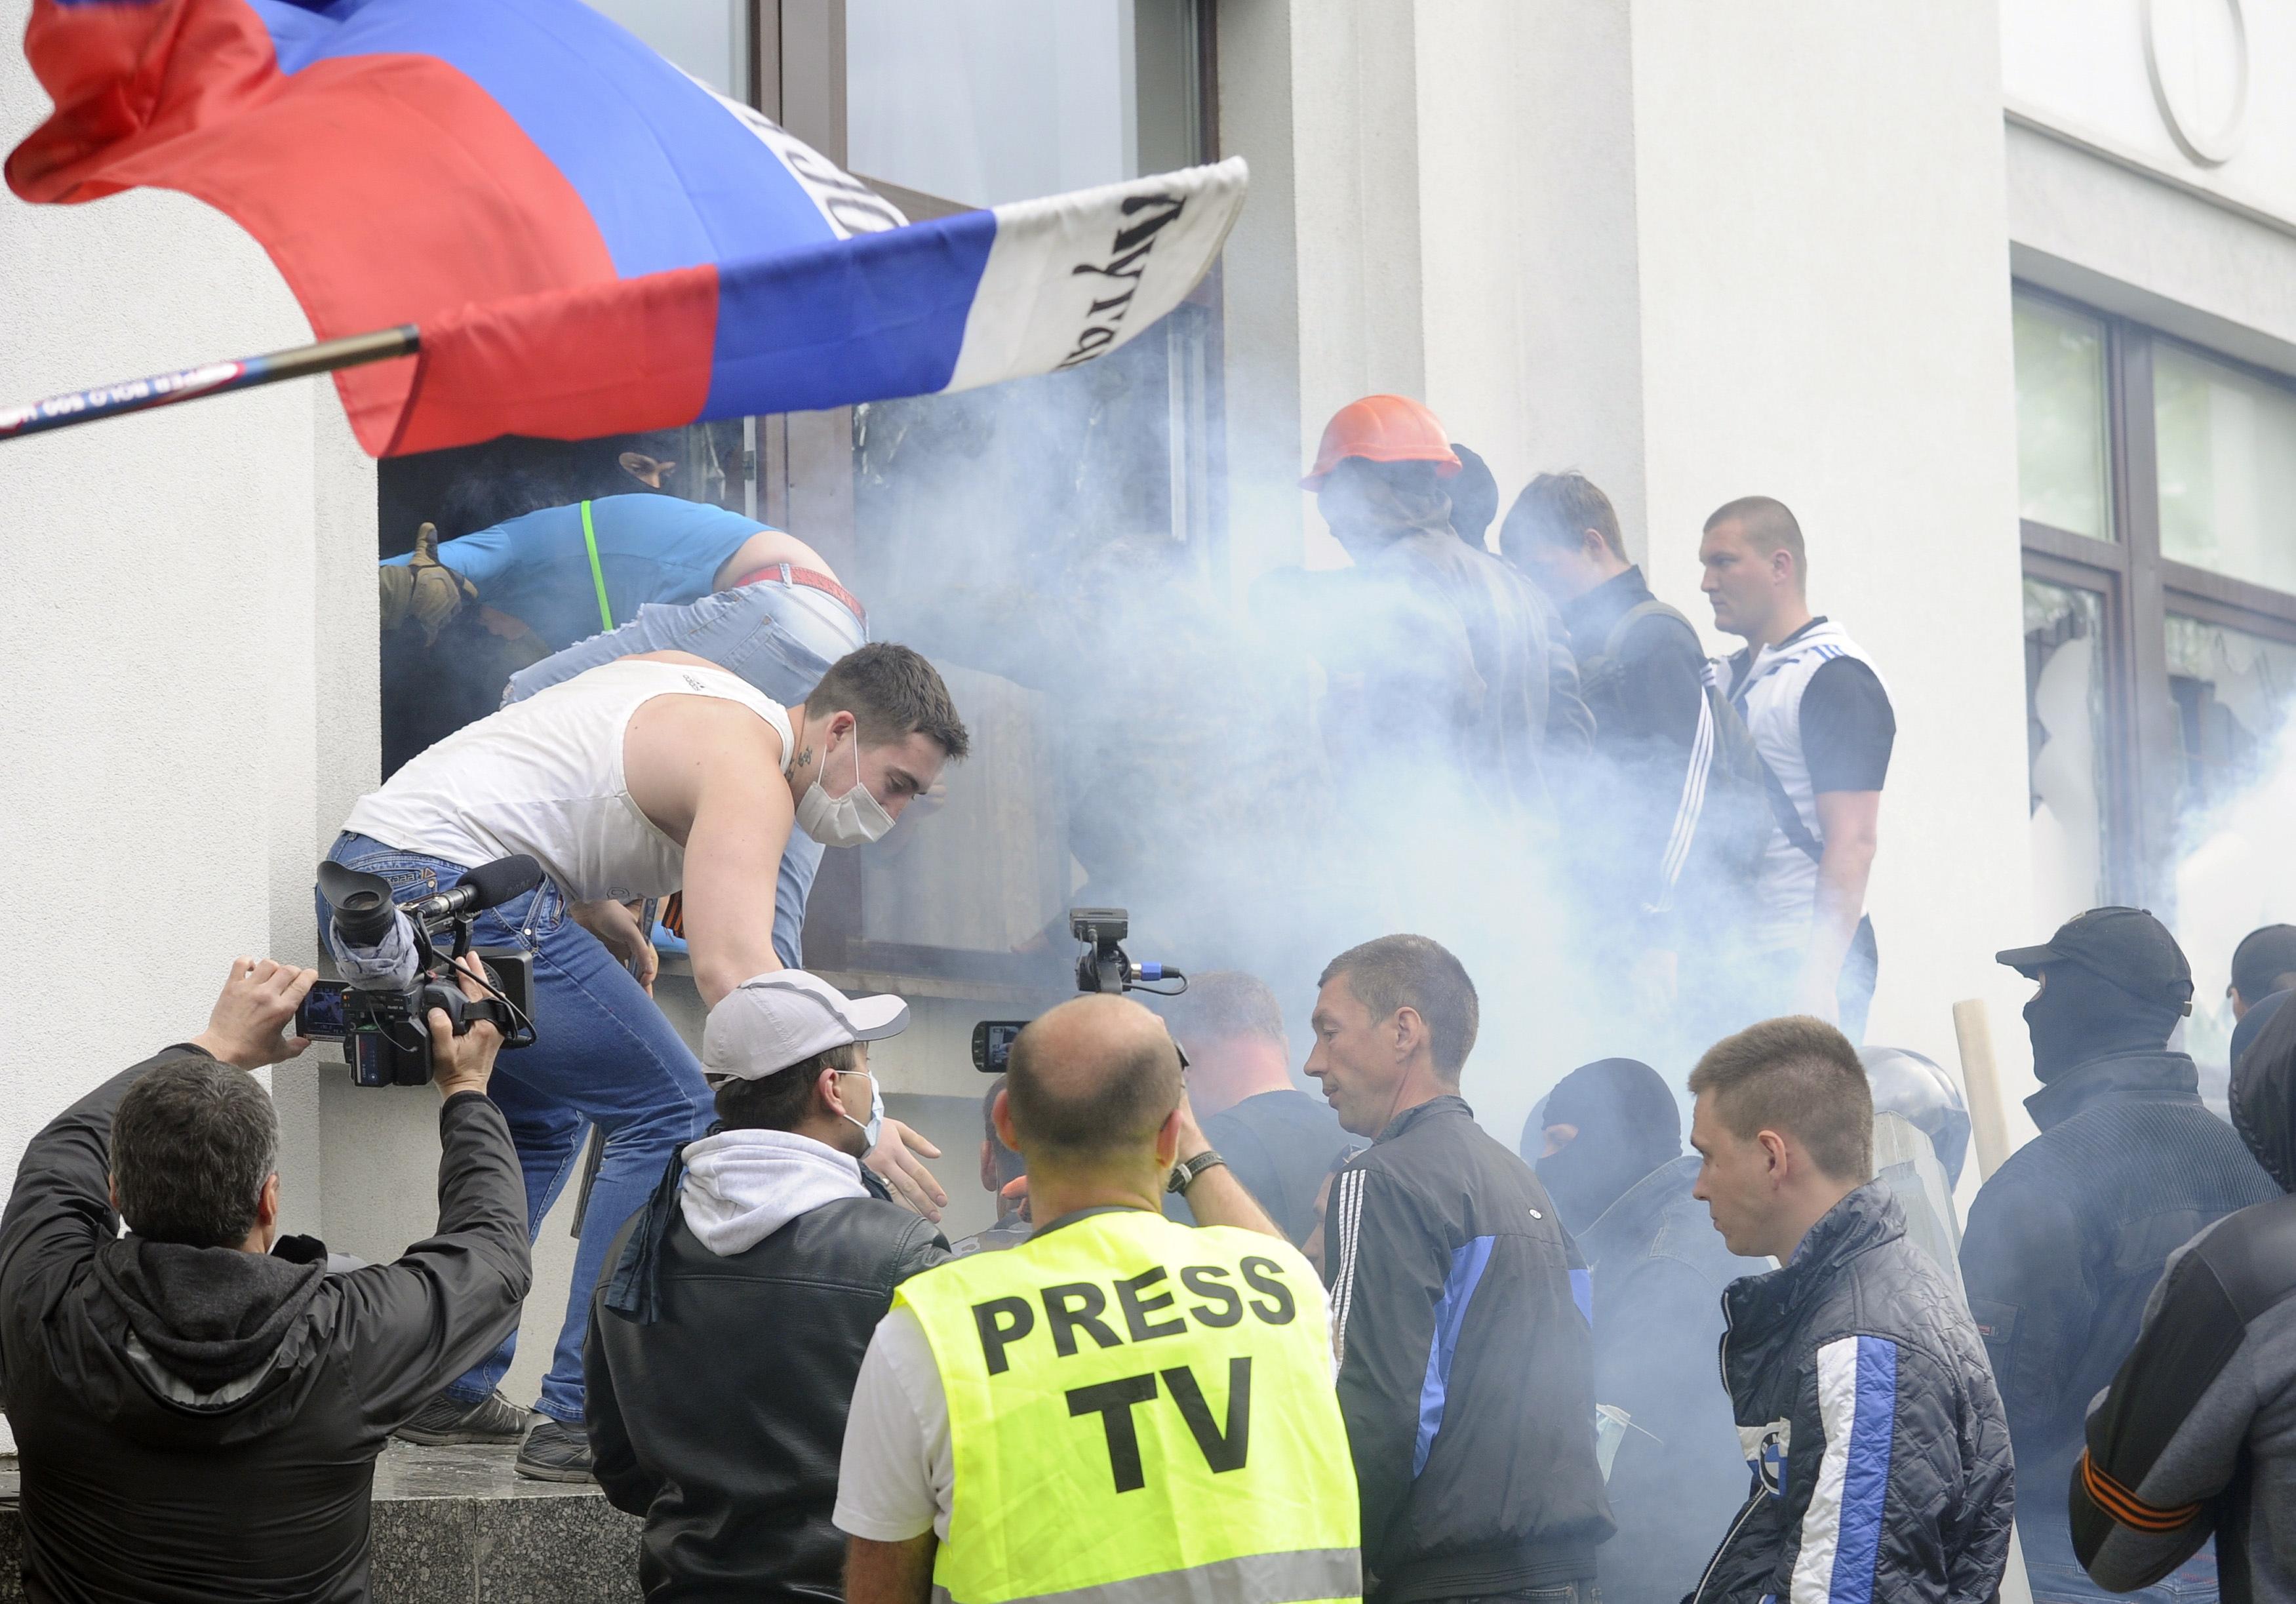 Сторонники федерализации во время захвата здания областной администрации